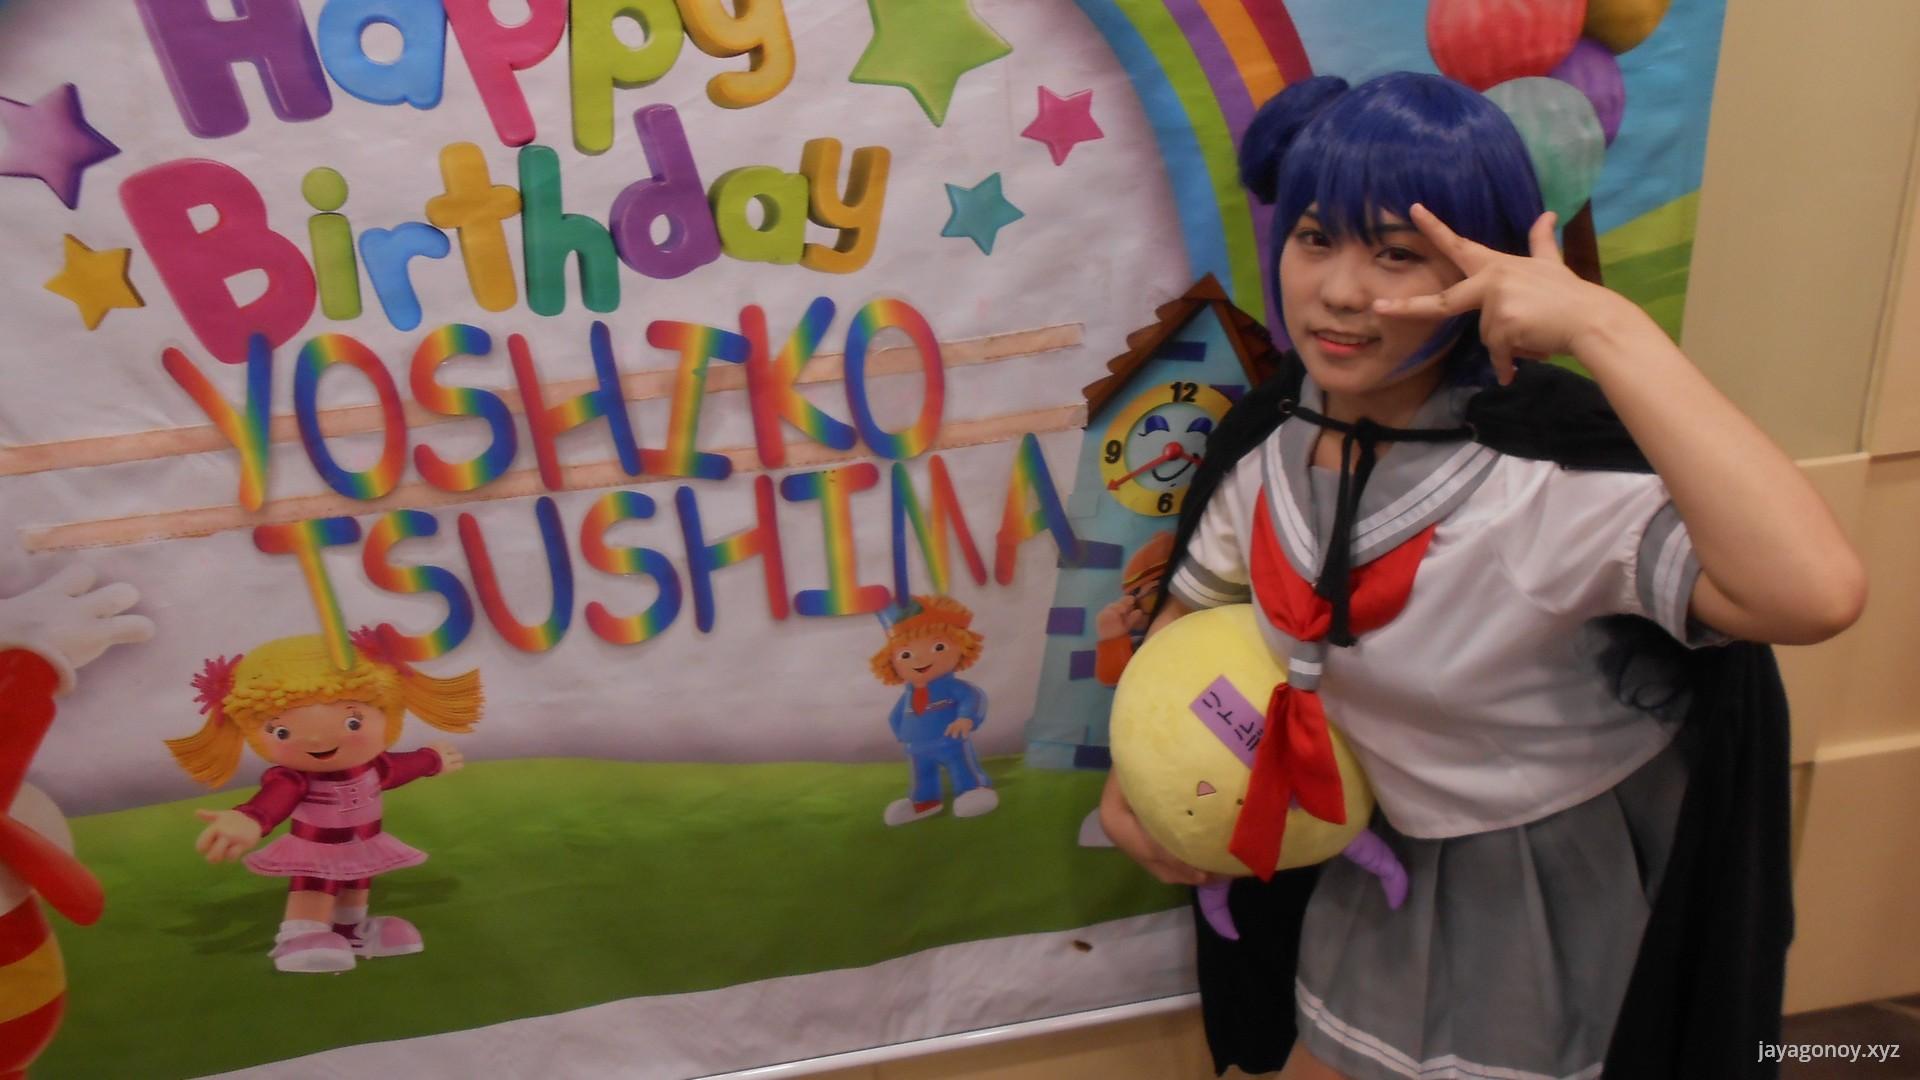 Happy Birthday, Yohane!